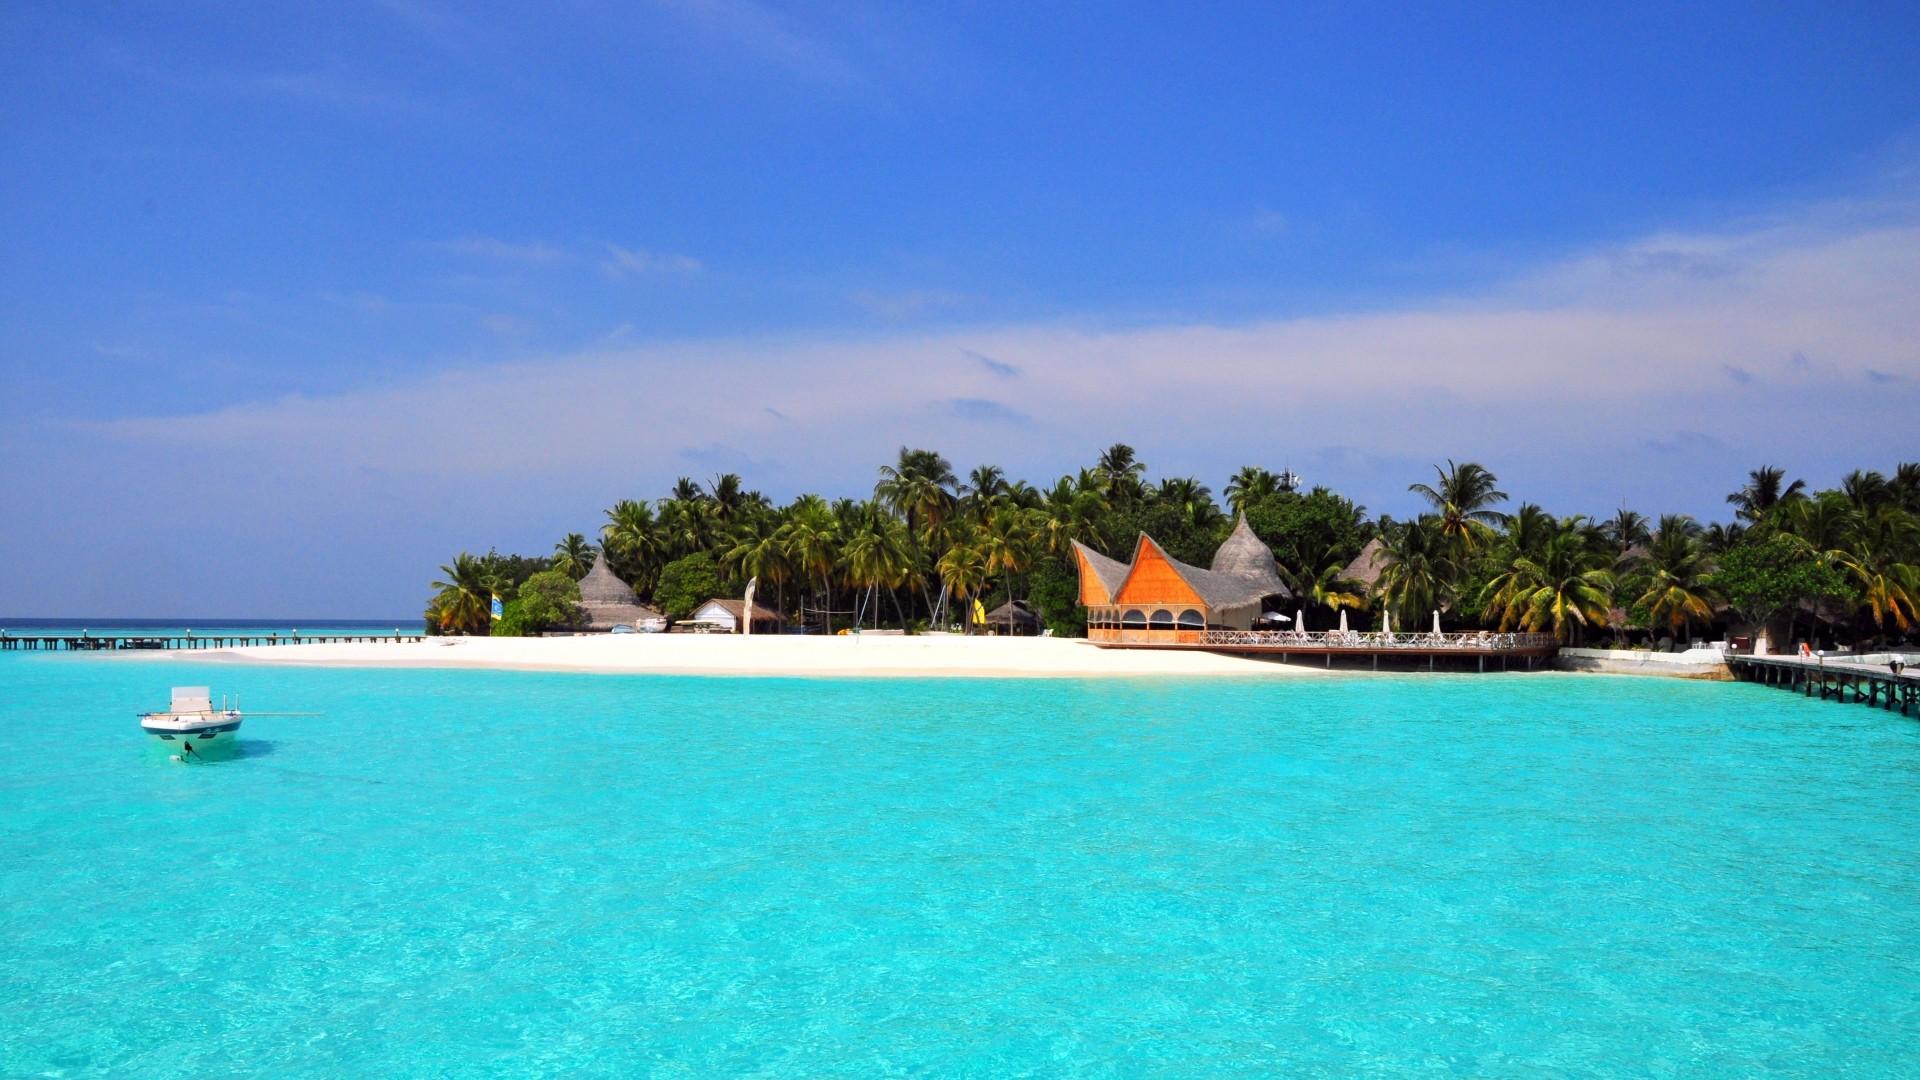 maldives tropical beach island hd wallpaper